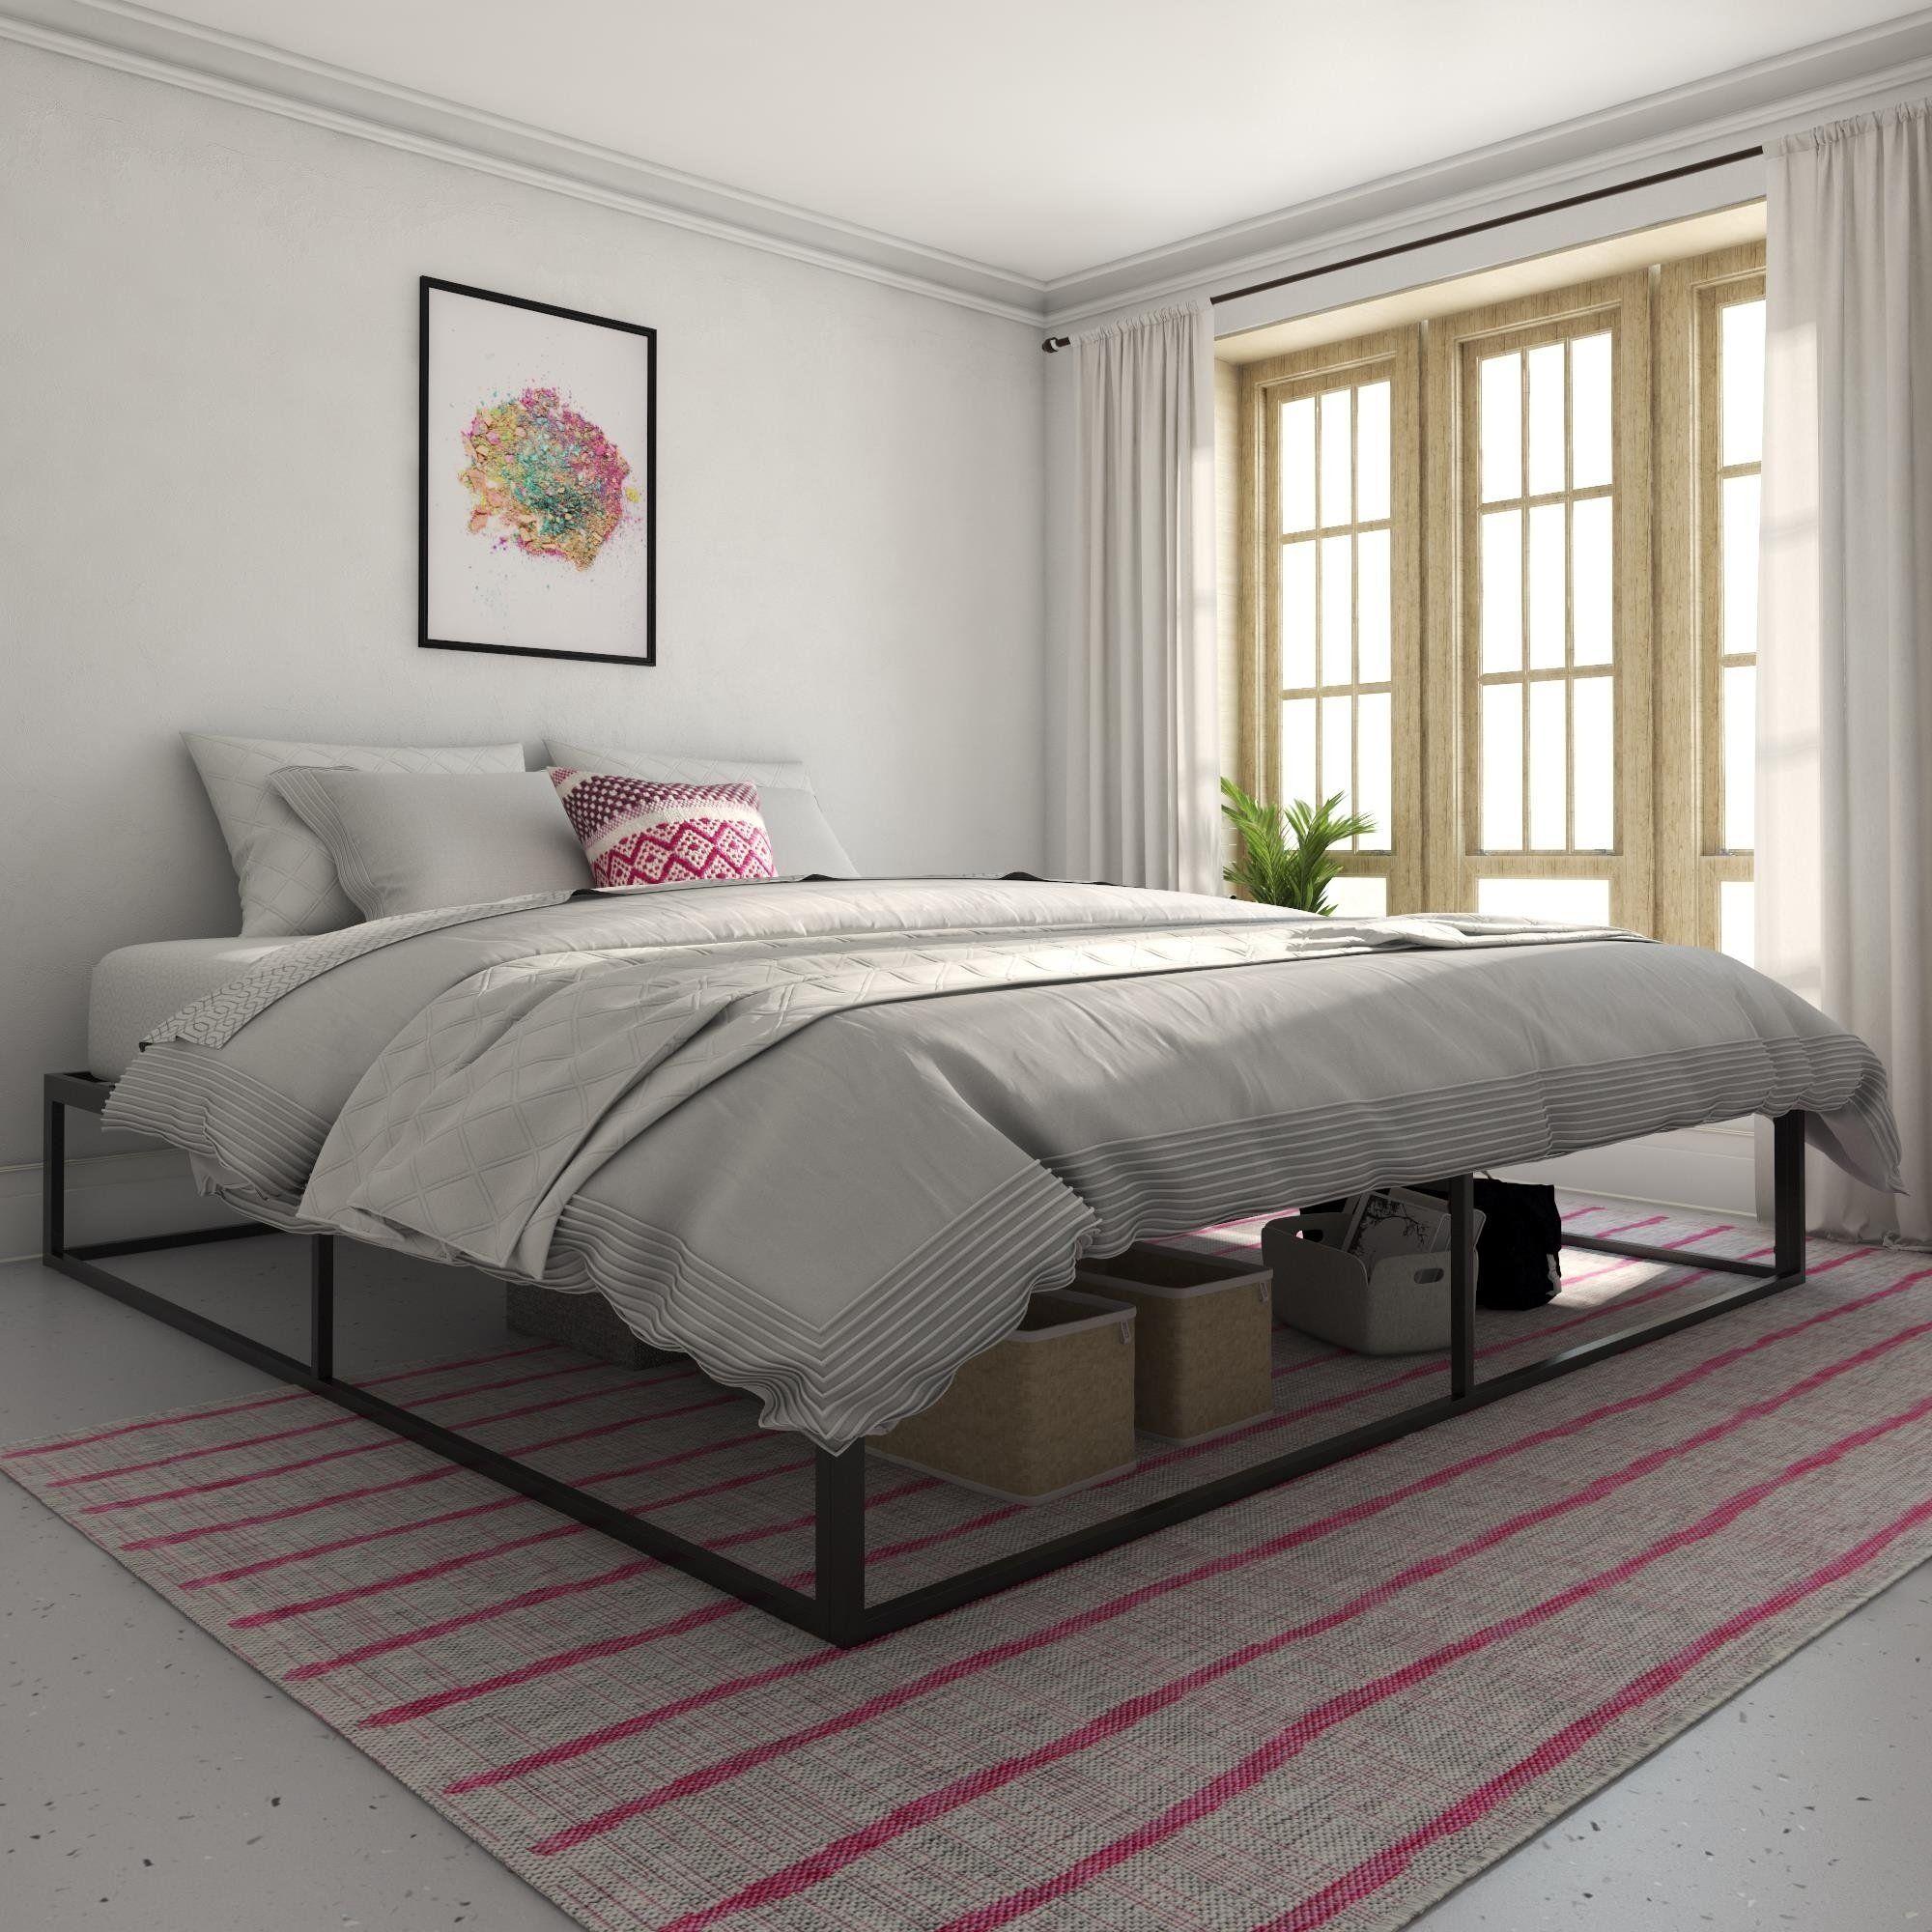 Novogratz Boutique Metal Storage Platform Bed Metal Platform Bed